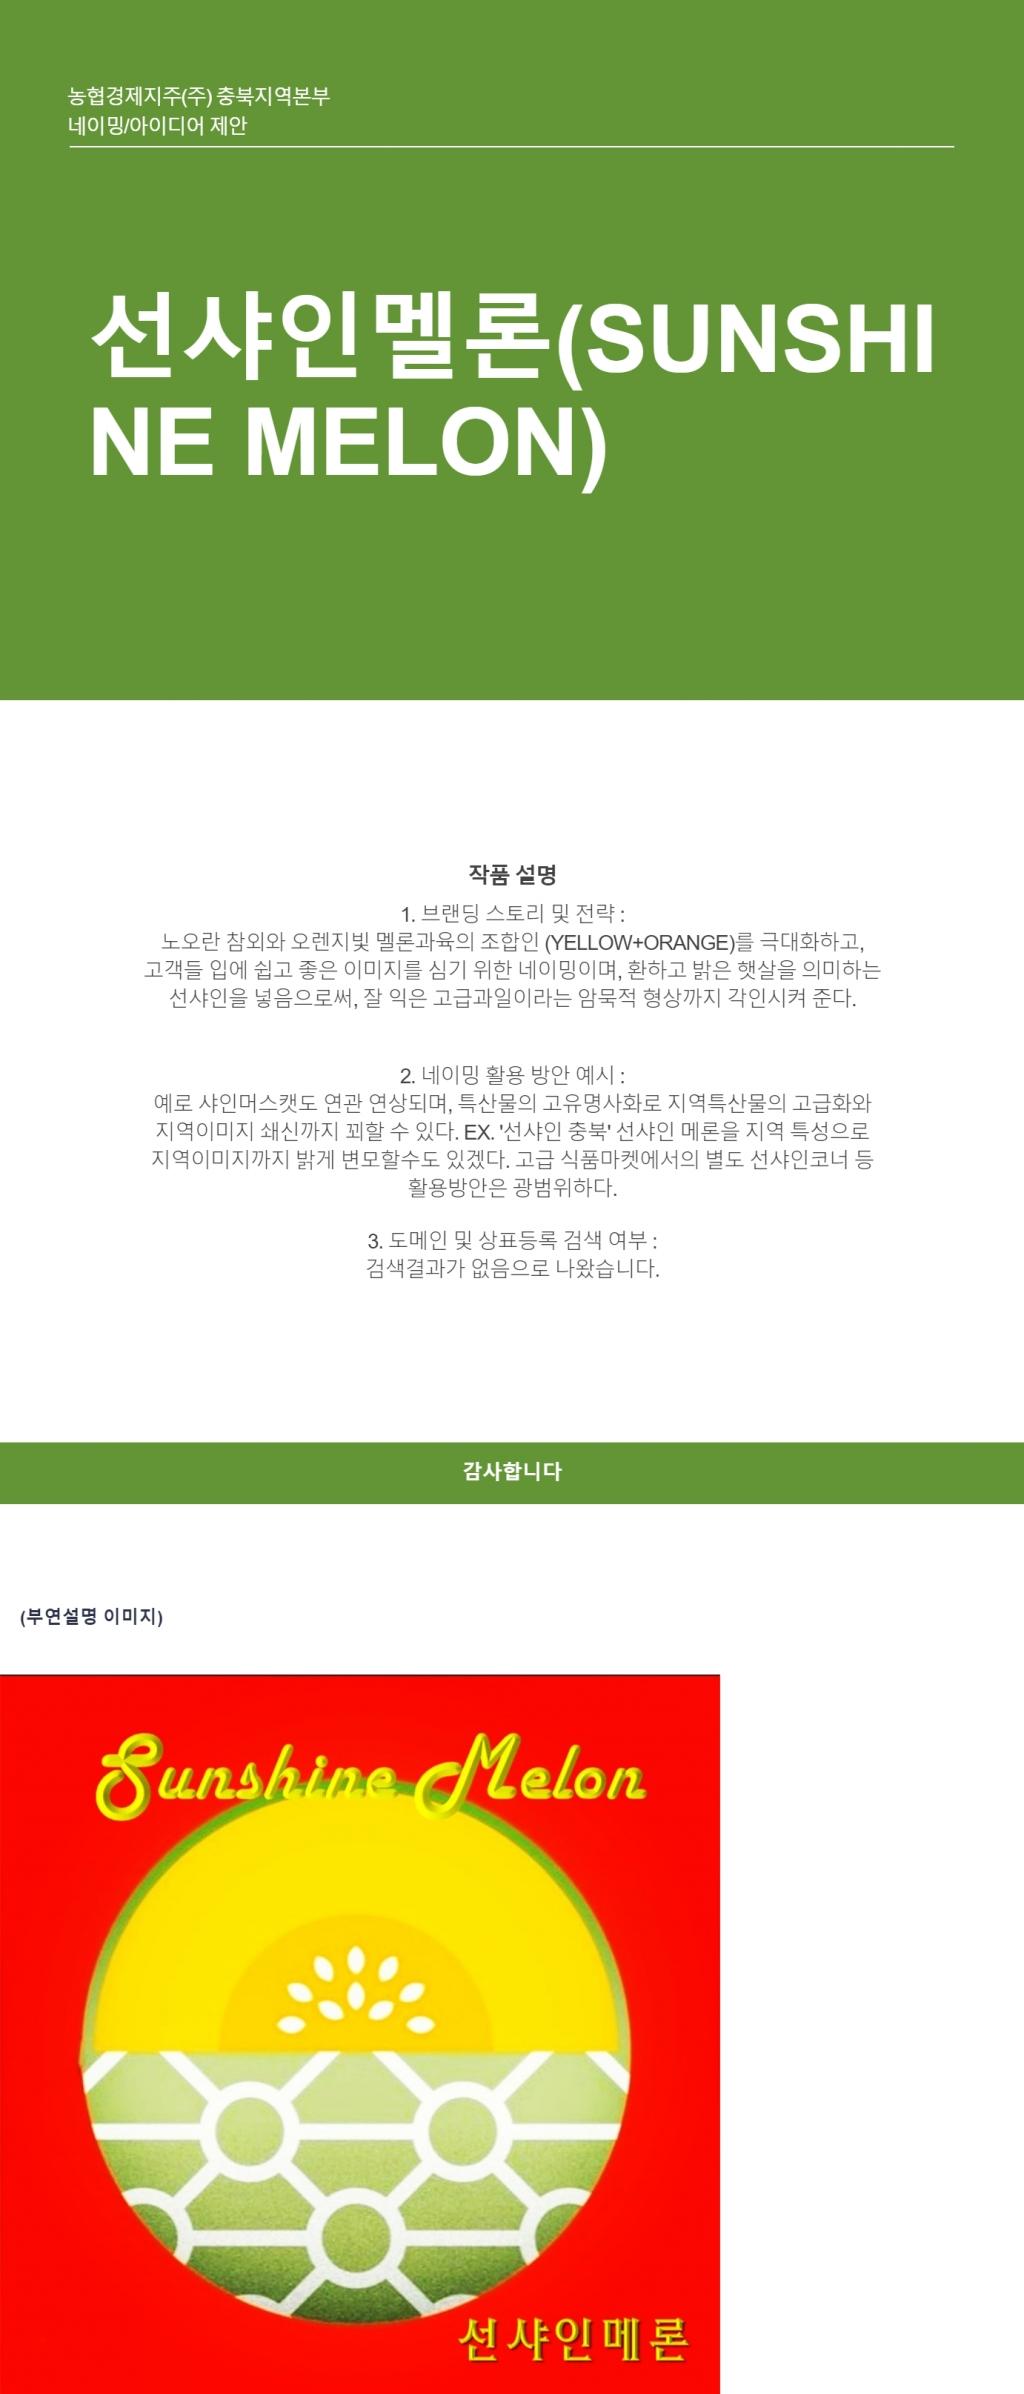 네이밍/아이디어 | 충북농협 신 품종 농산물 네이밍 공모 | 라우드소싱 포트폴리오